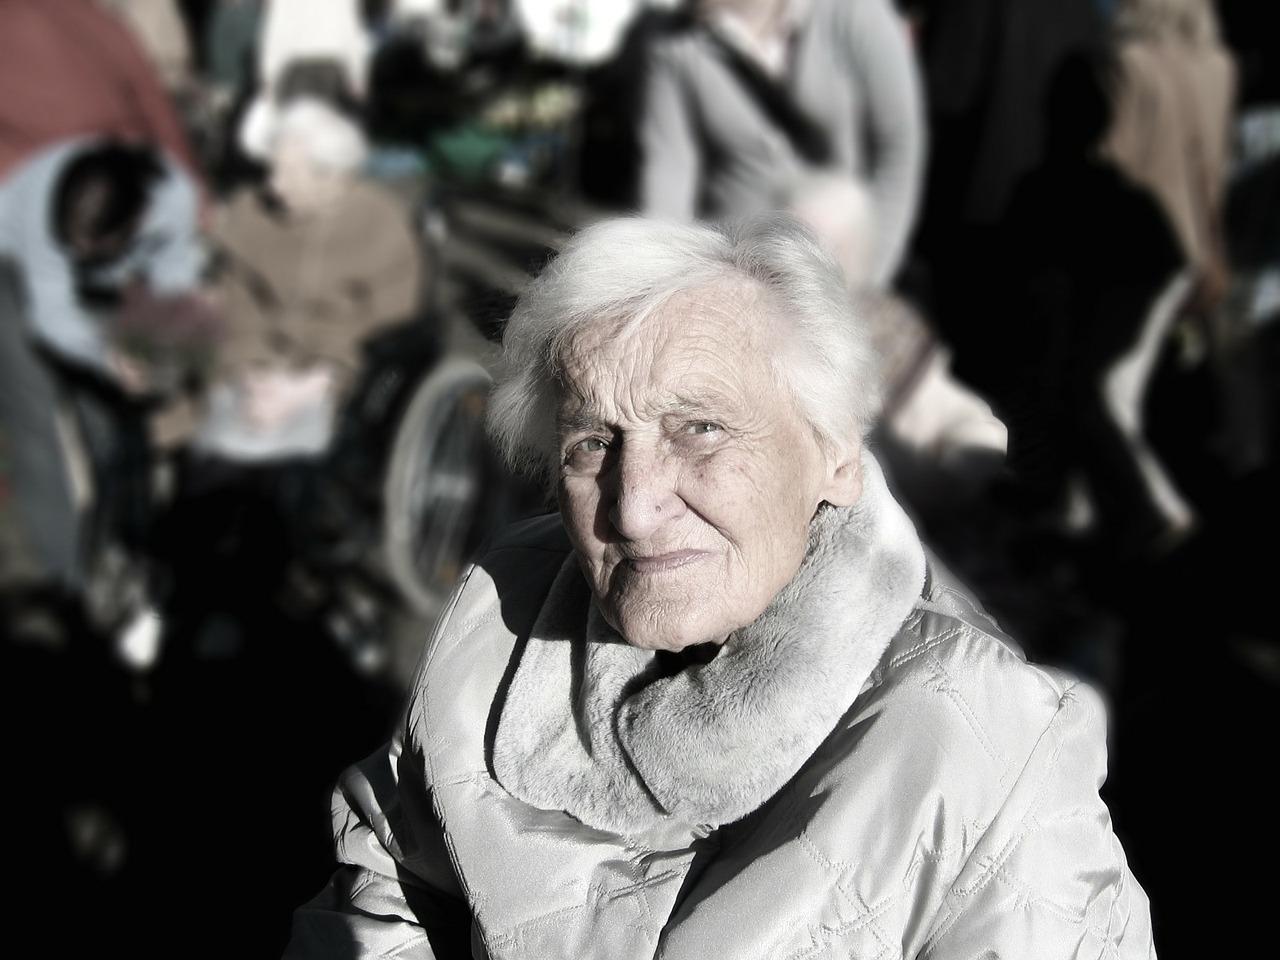 Pomoc osobom starszym i schorowanym – co zrobić, żeby móc pracować w tym zawodzie